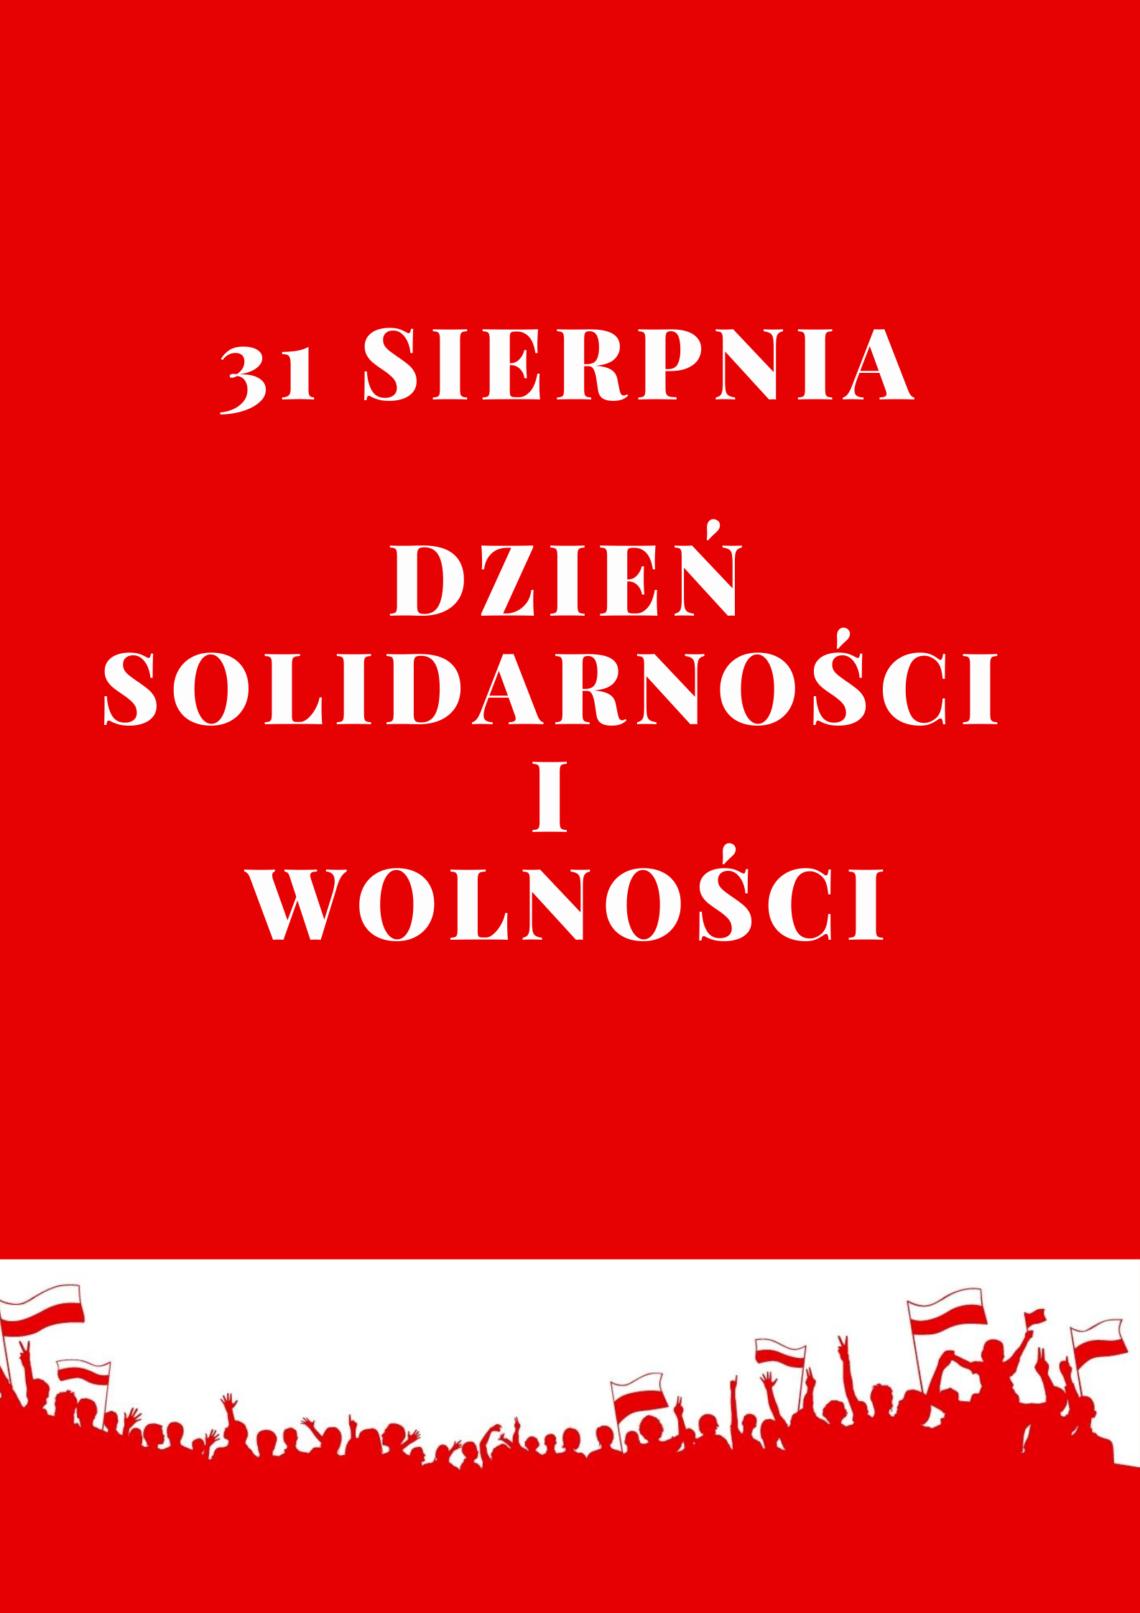 31 sierpnia - Dzień Solidarności i Wolności